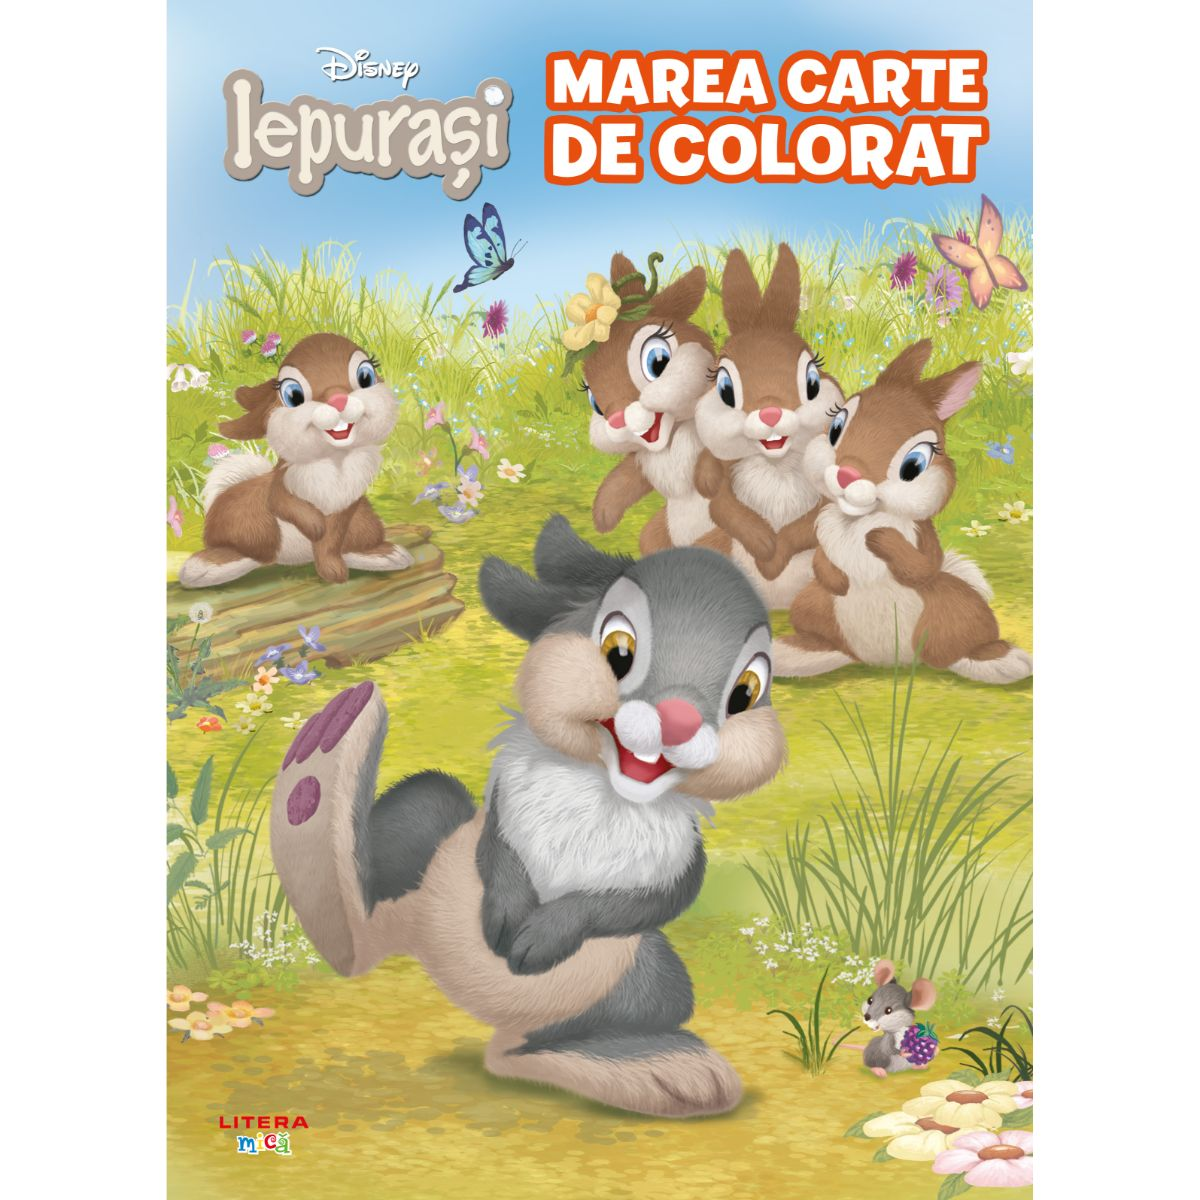 Disney Iepurasi, Marea carte de colorat